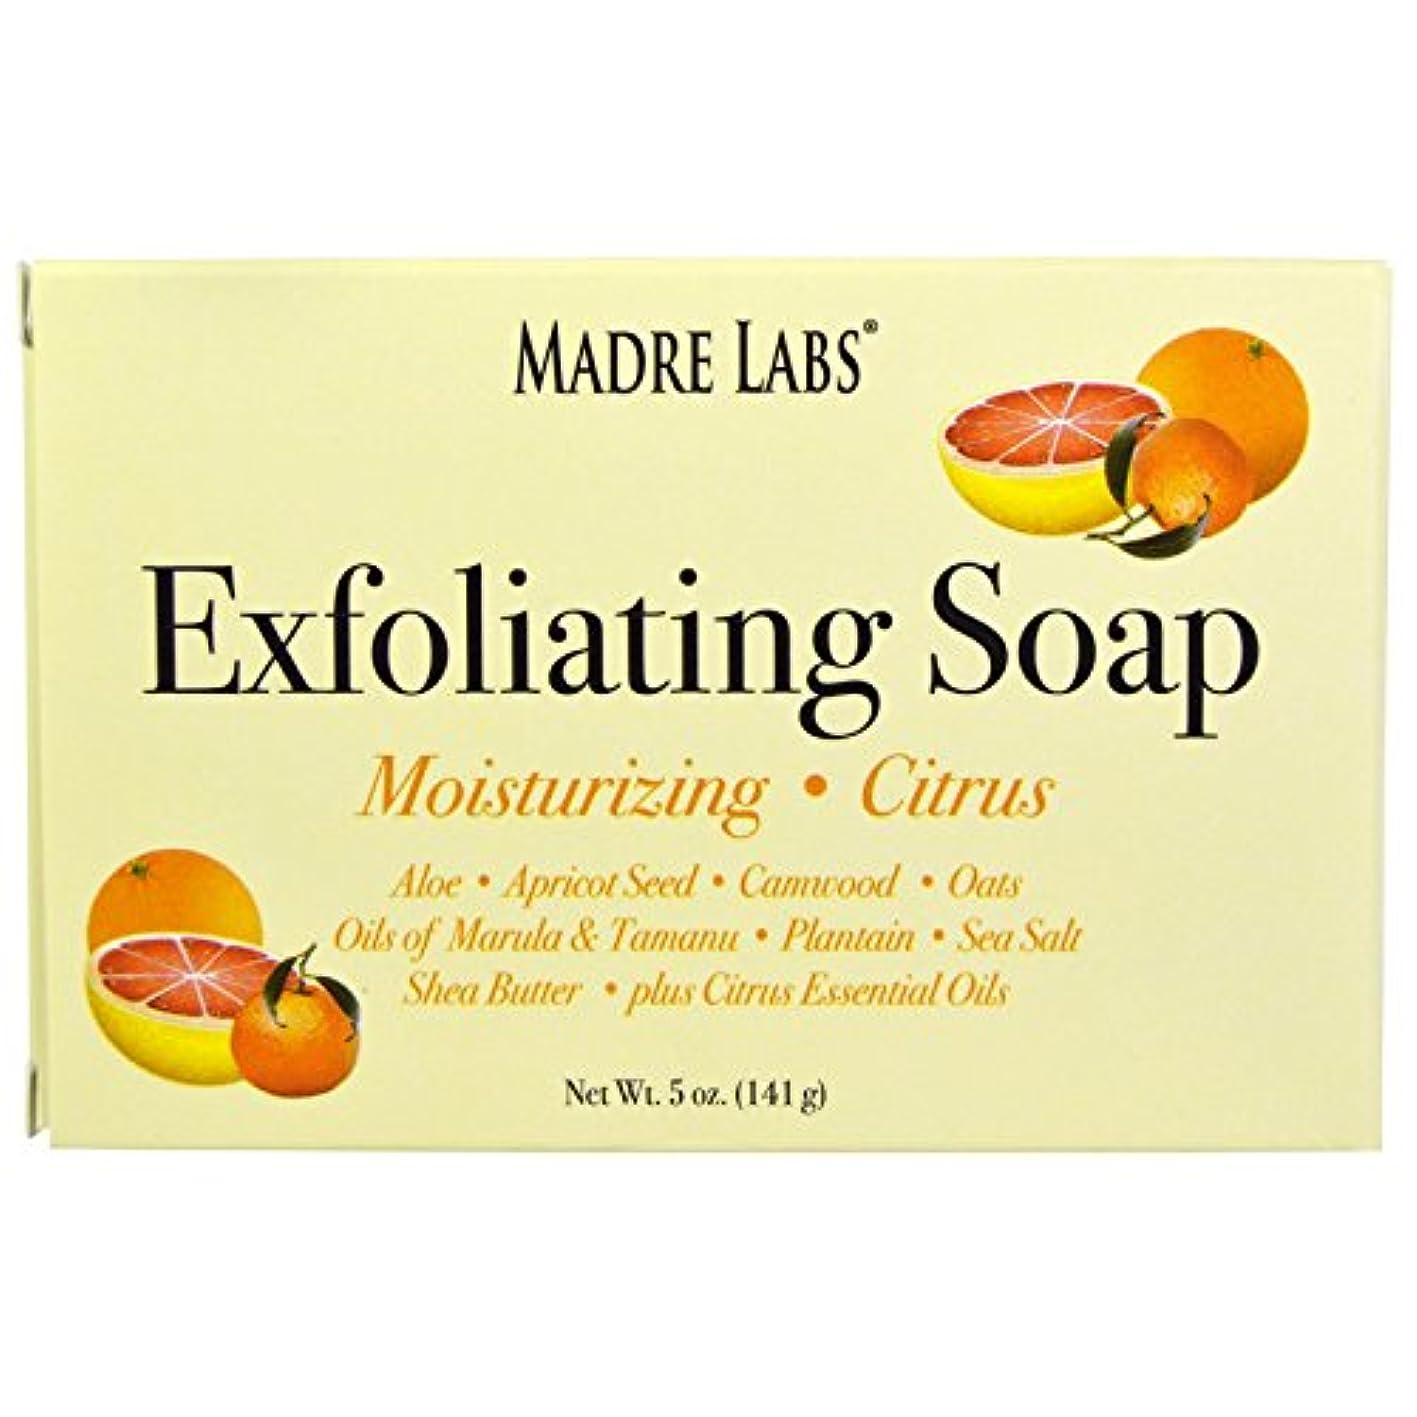 ビール貫通童謡マドレラブ シアバター入り石鹸 柑橘フレーバー Madre Labs Exfoliating Soap Bar with Marula & Tamanu Oils plus Shea Butter